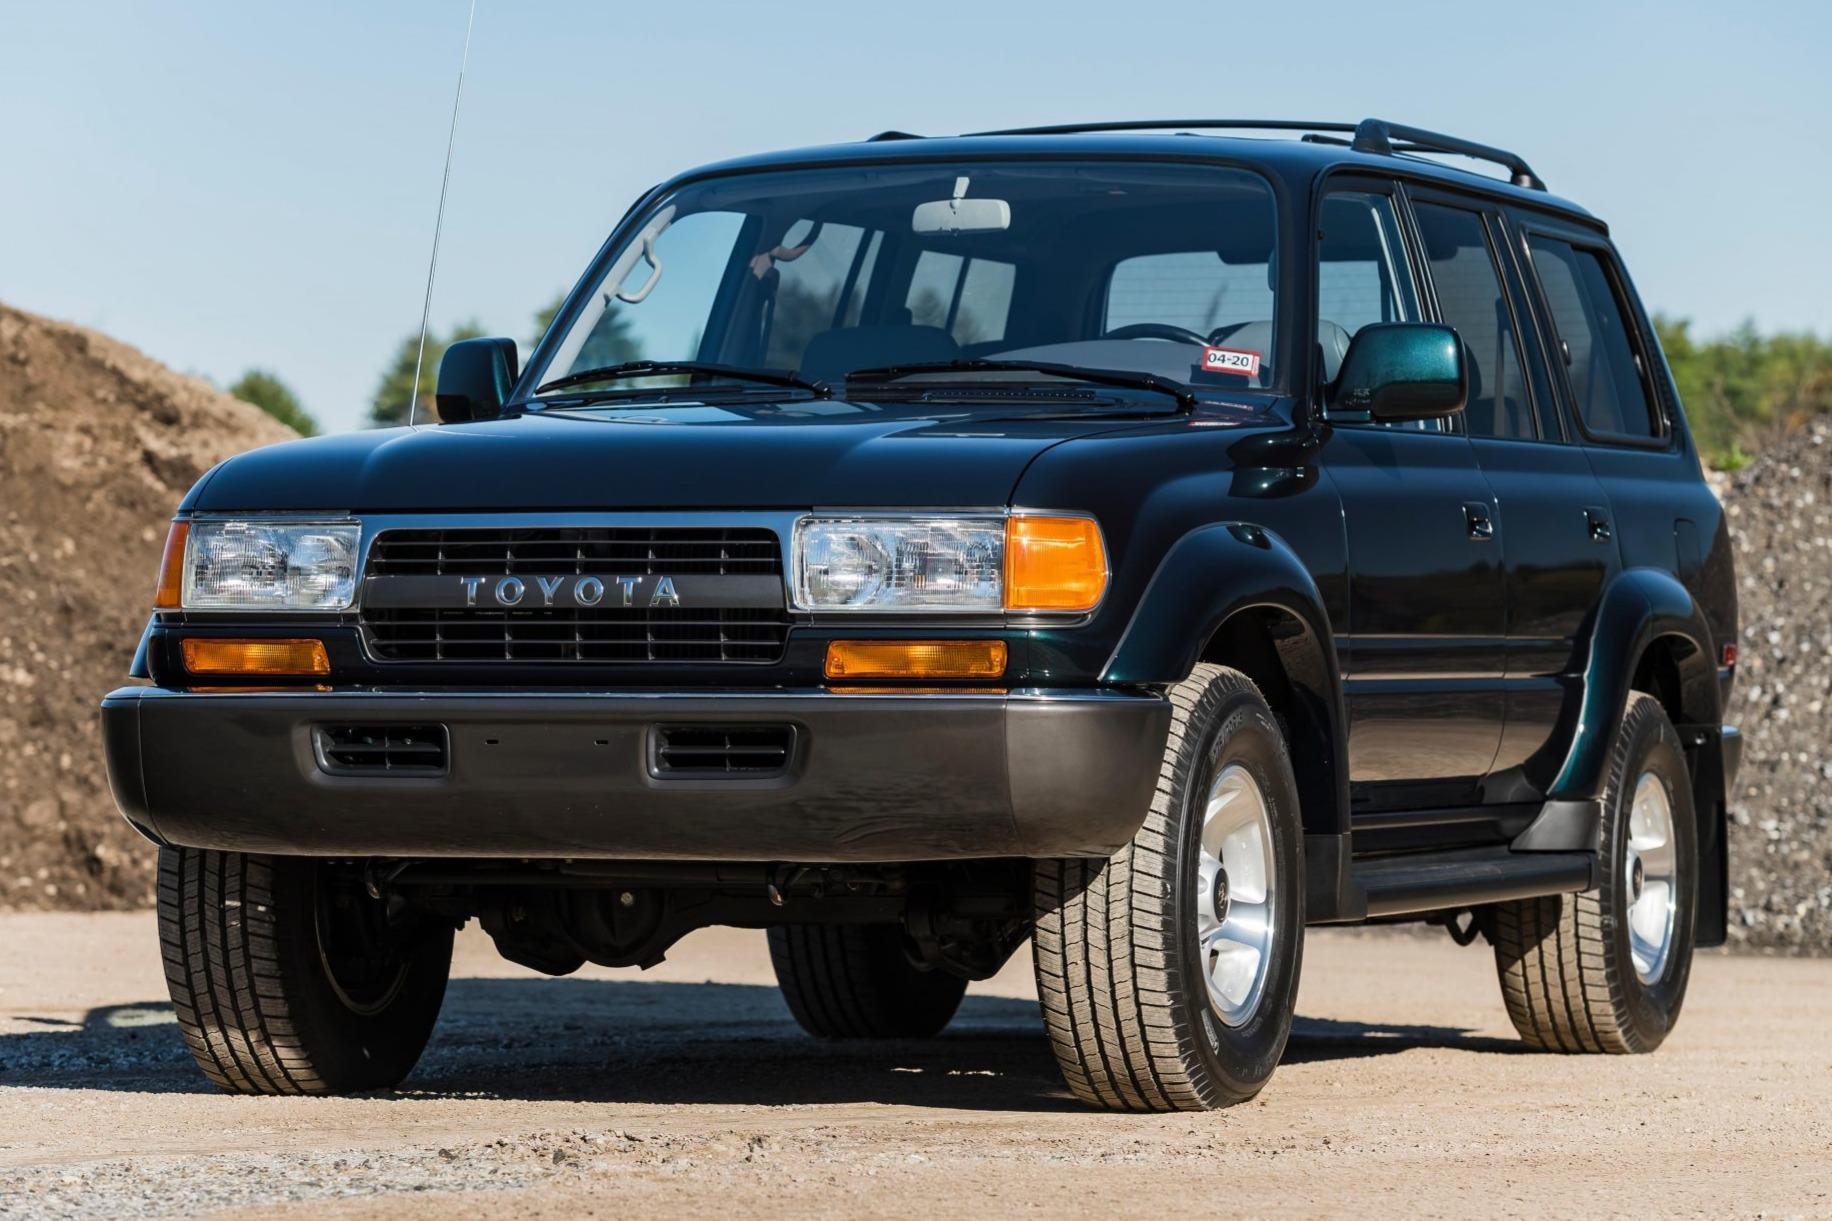 На онлайн-аукцион выставлен Toyota Land Cruiser 80, который за 27 лет проехал лишь тысячу миль (приблизительно 1 600 км). Ставка уже превысила $80 000: новый Land Cruiser 200 в США лишь немногим дороже.